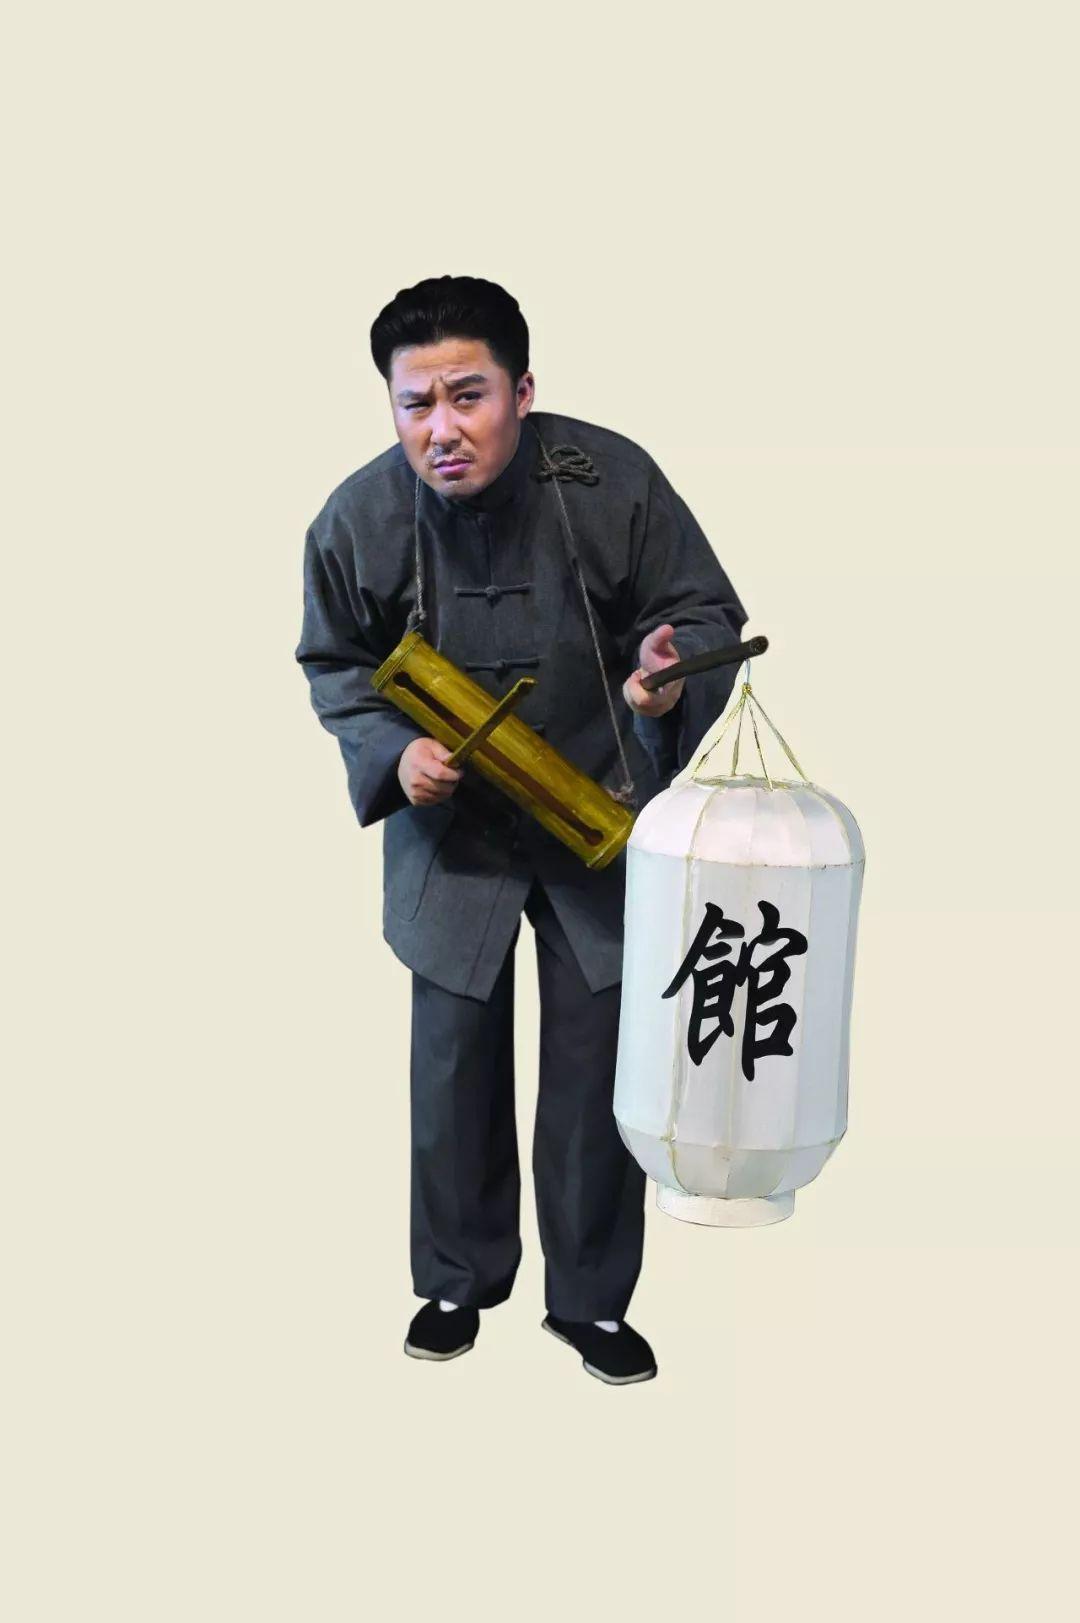 6月14日21日银川大锡剧剧院别墅集锦沐图天温泉无锡图片